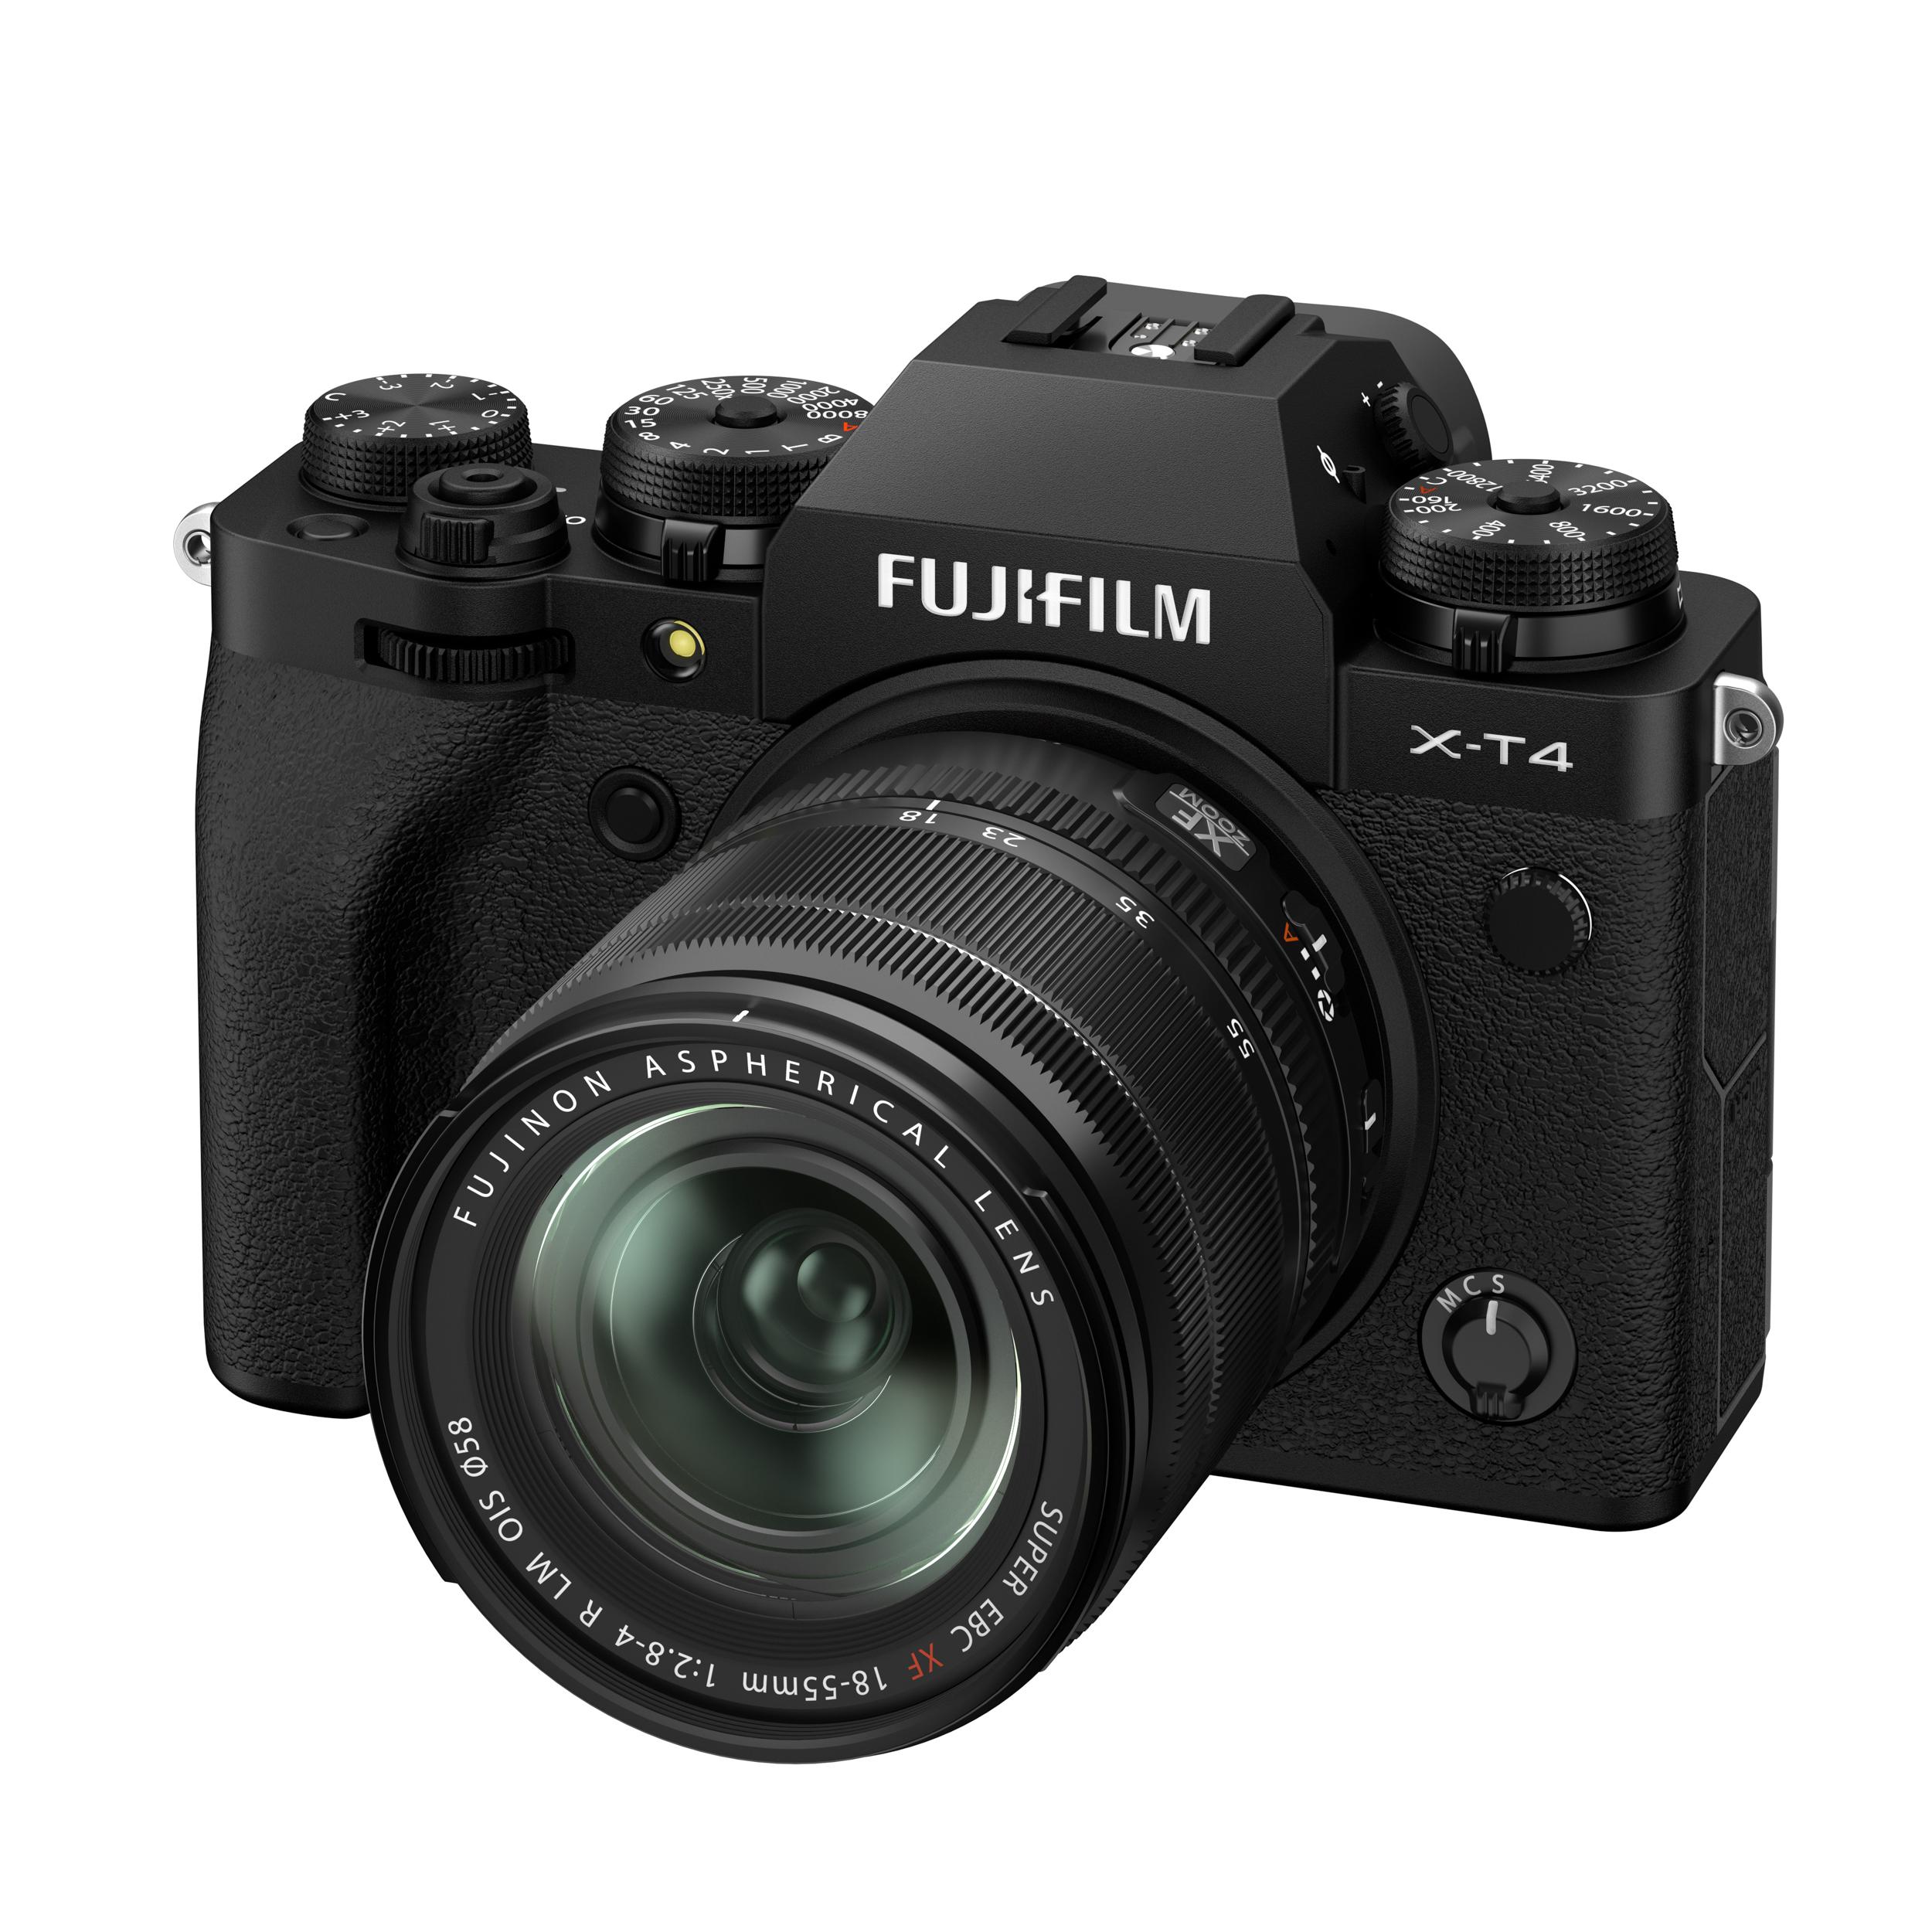 Fujifilm/16652879.jpg